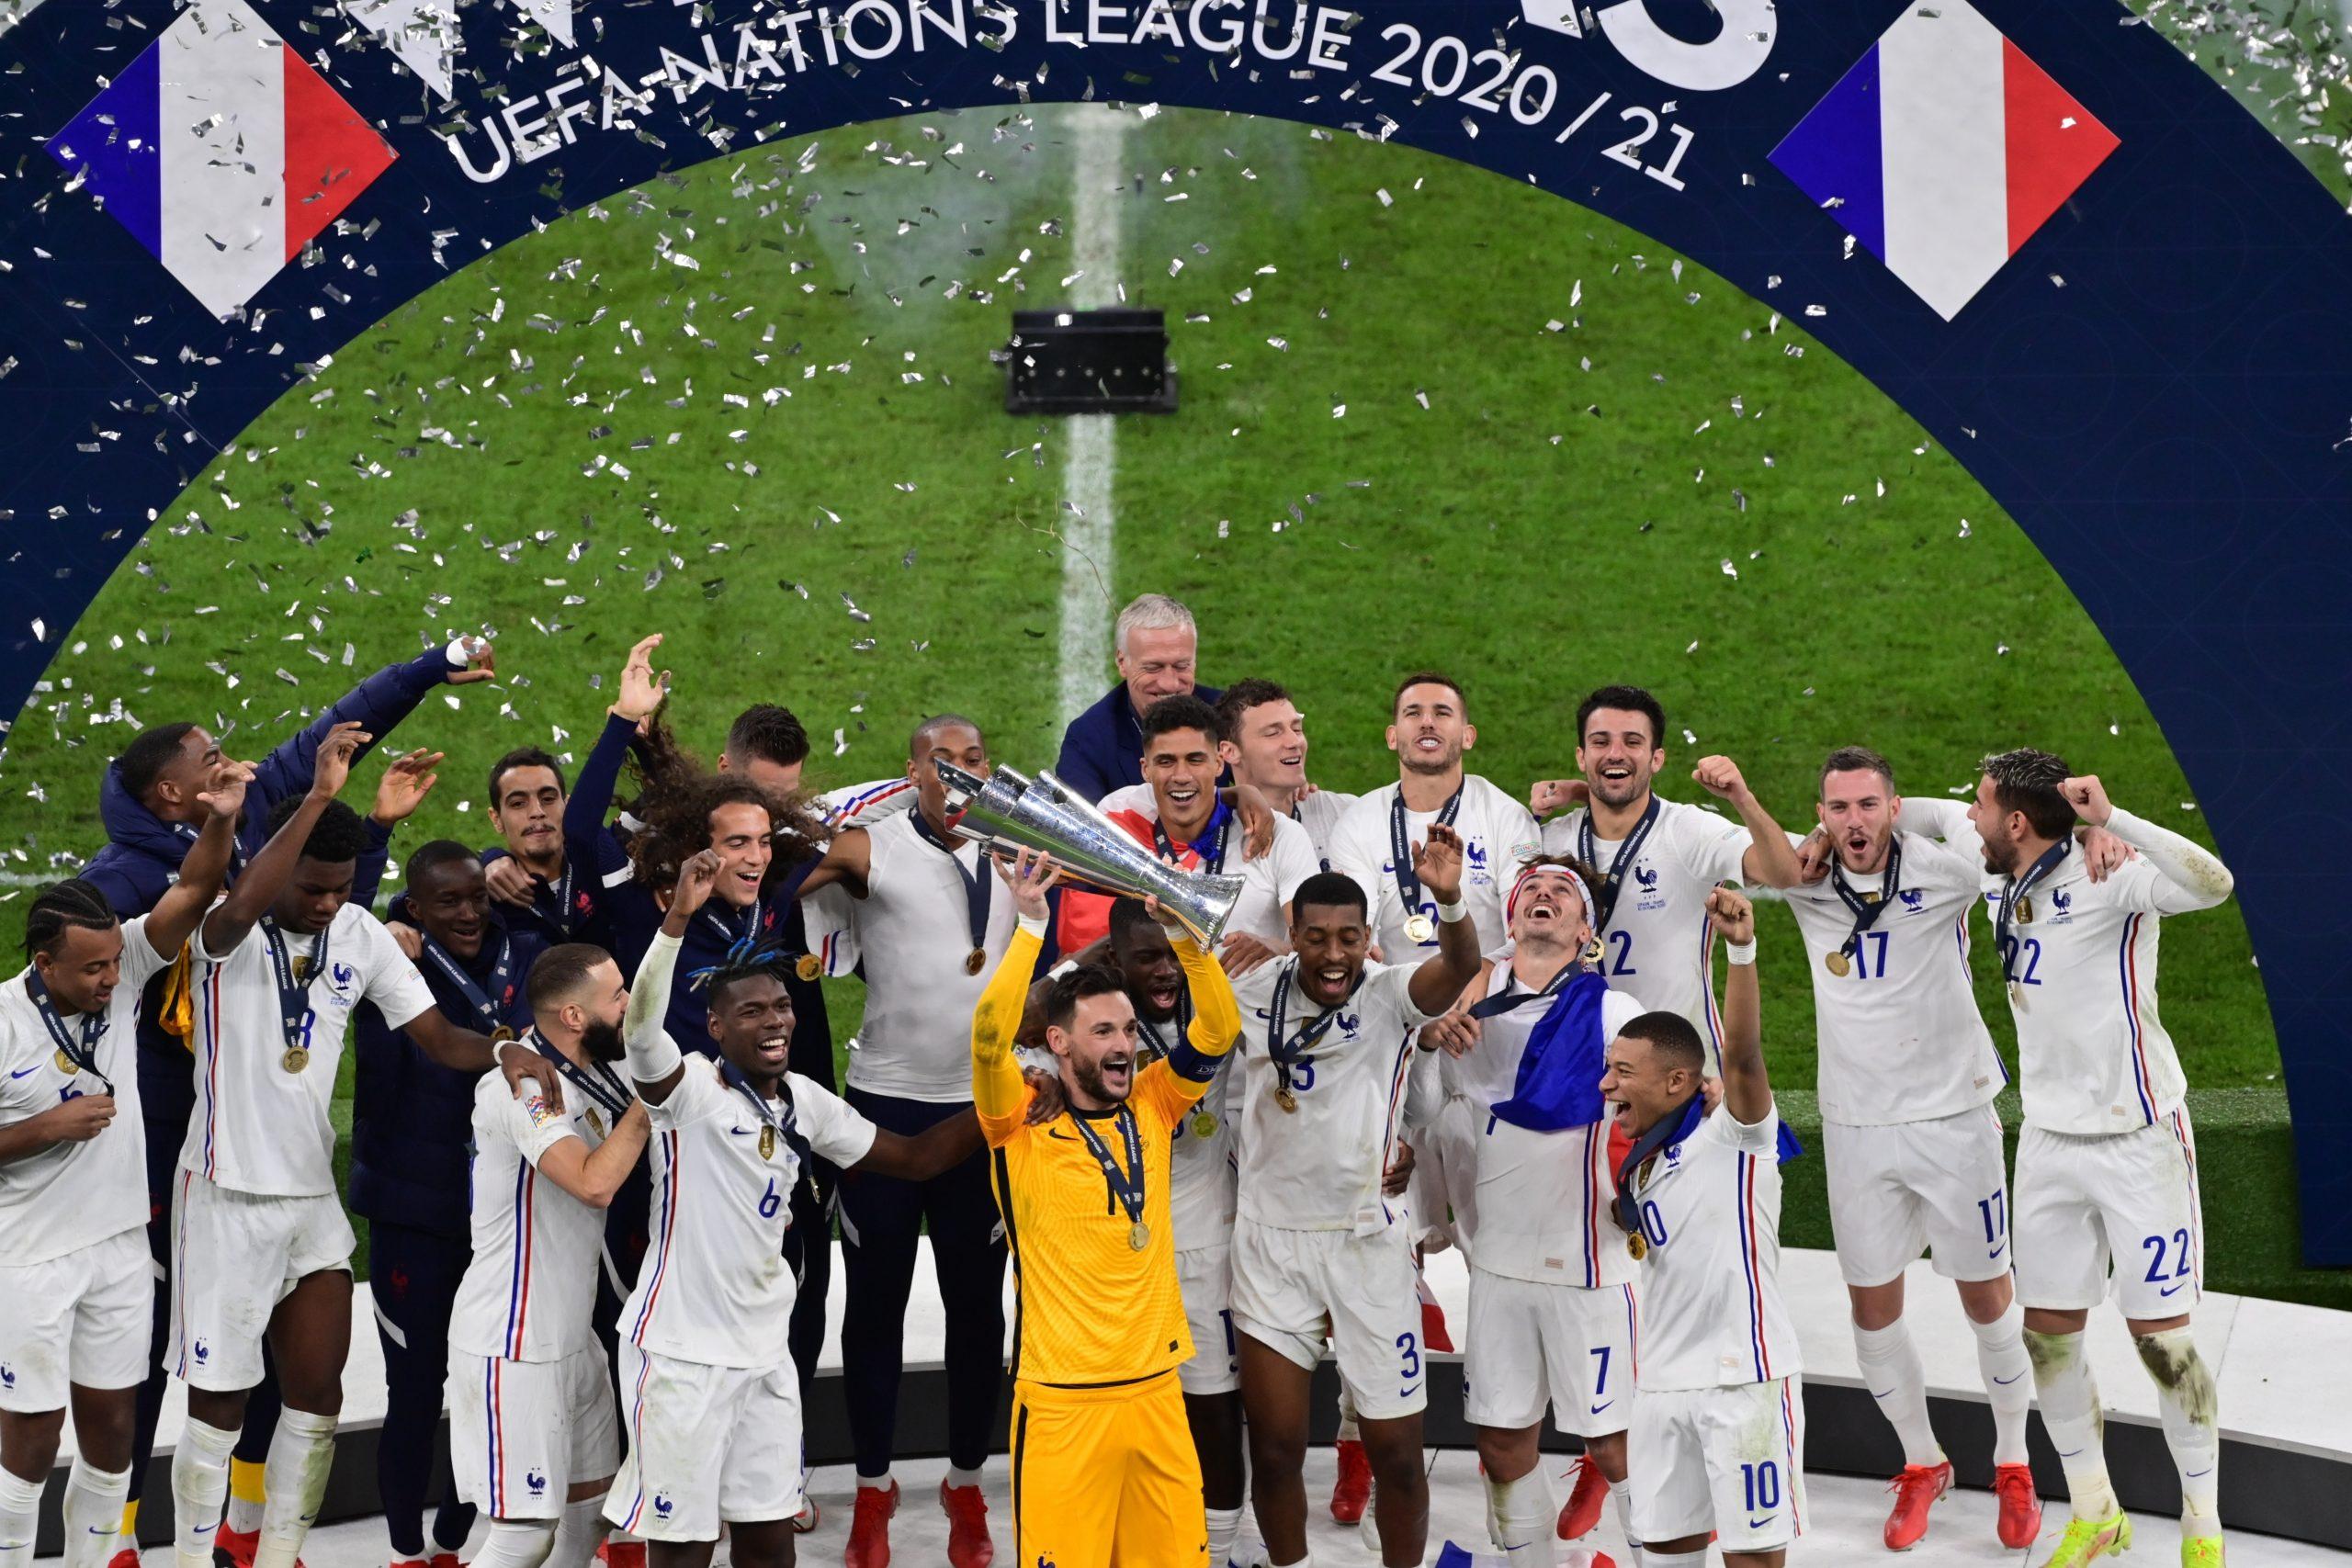 Francia vuelve a España y es campeona de la Nations League con goles de Benzema y Mbappé que regatearon al VAR por la polémica - Prensa Libre